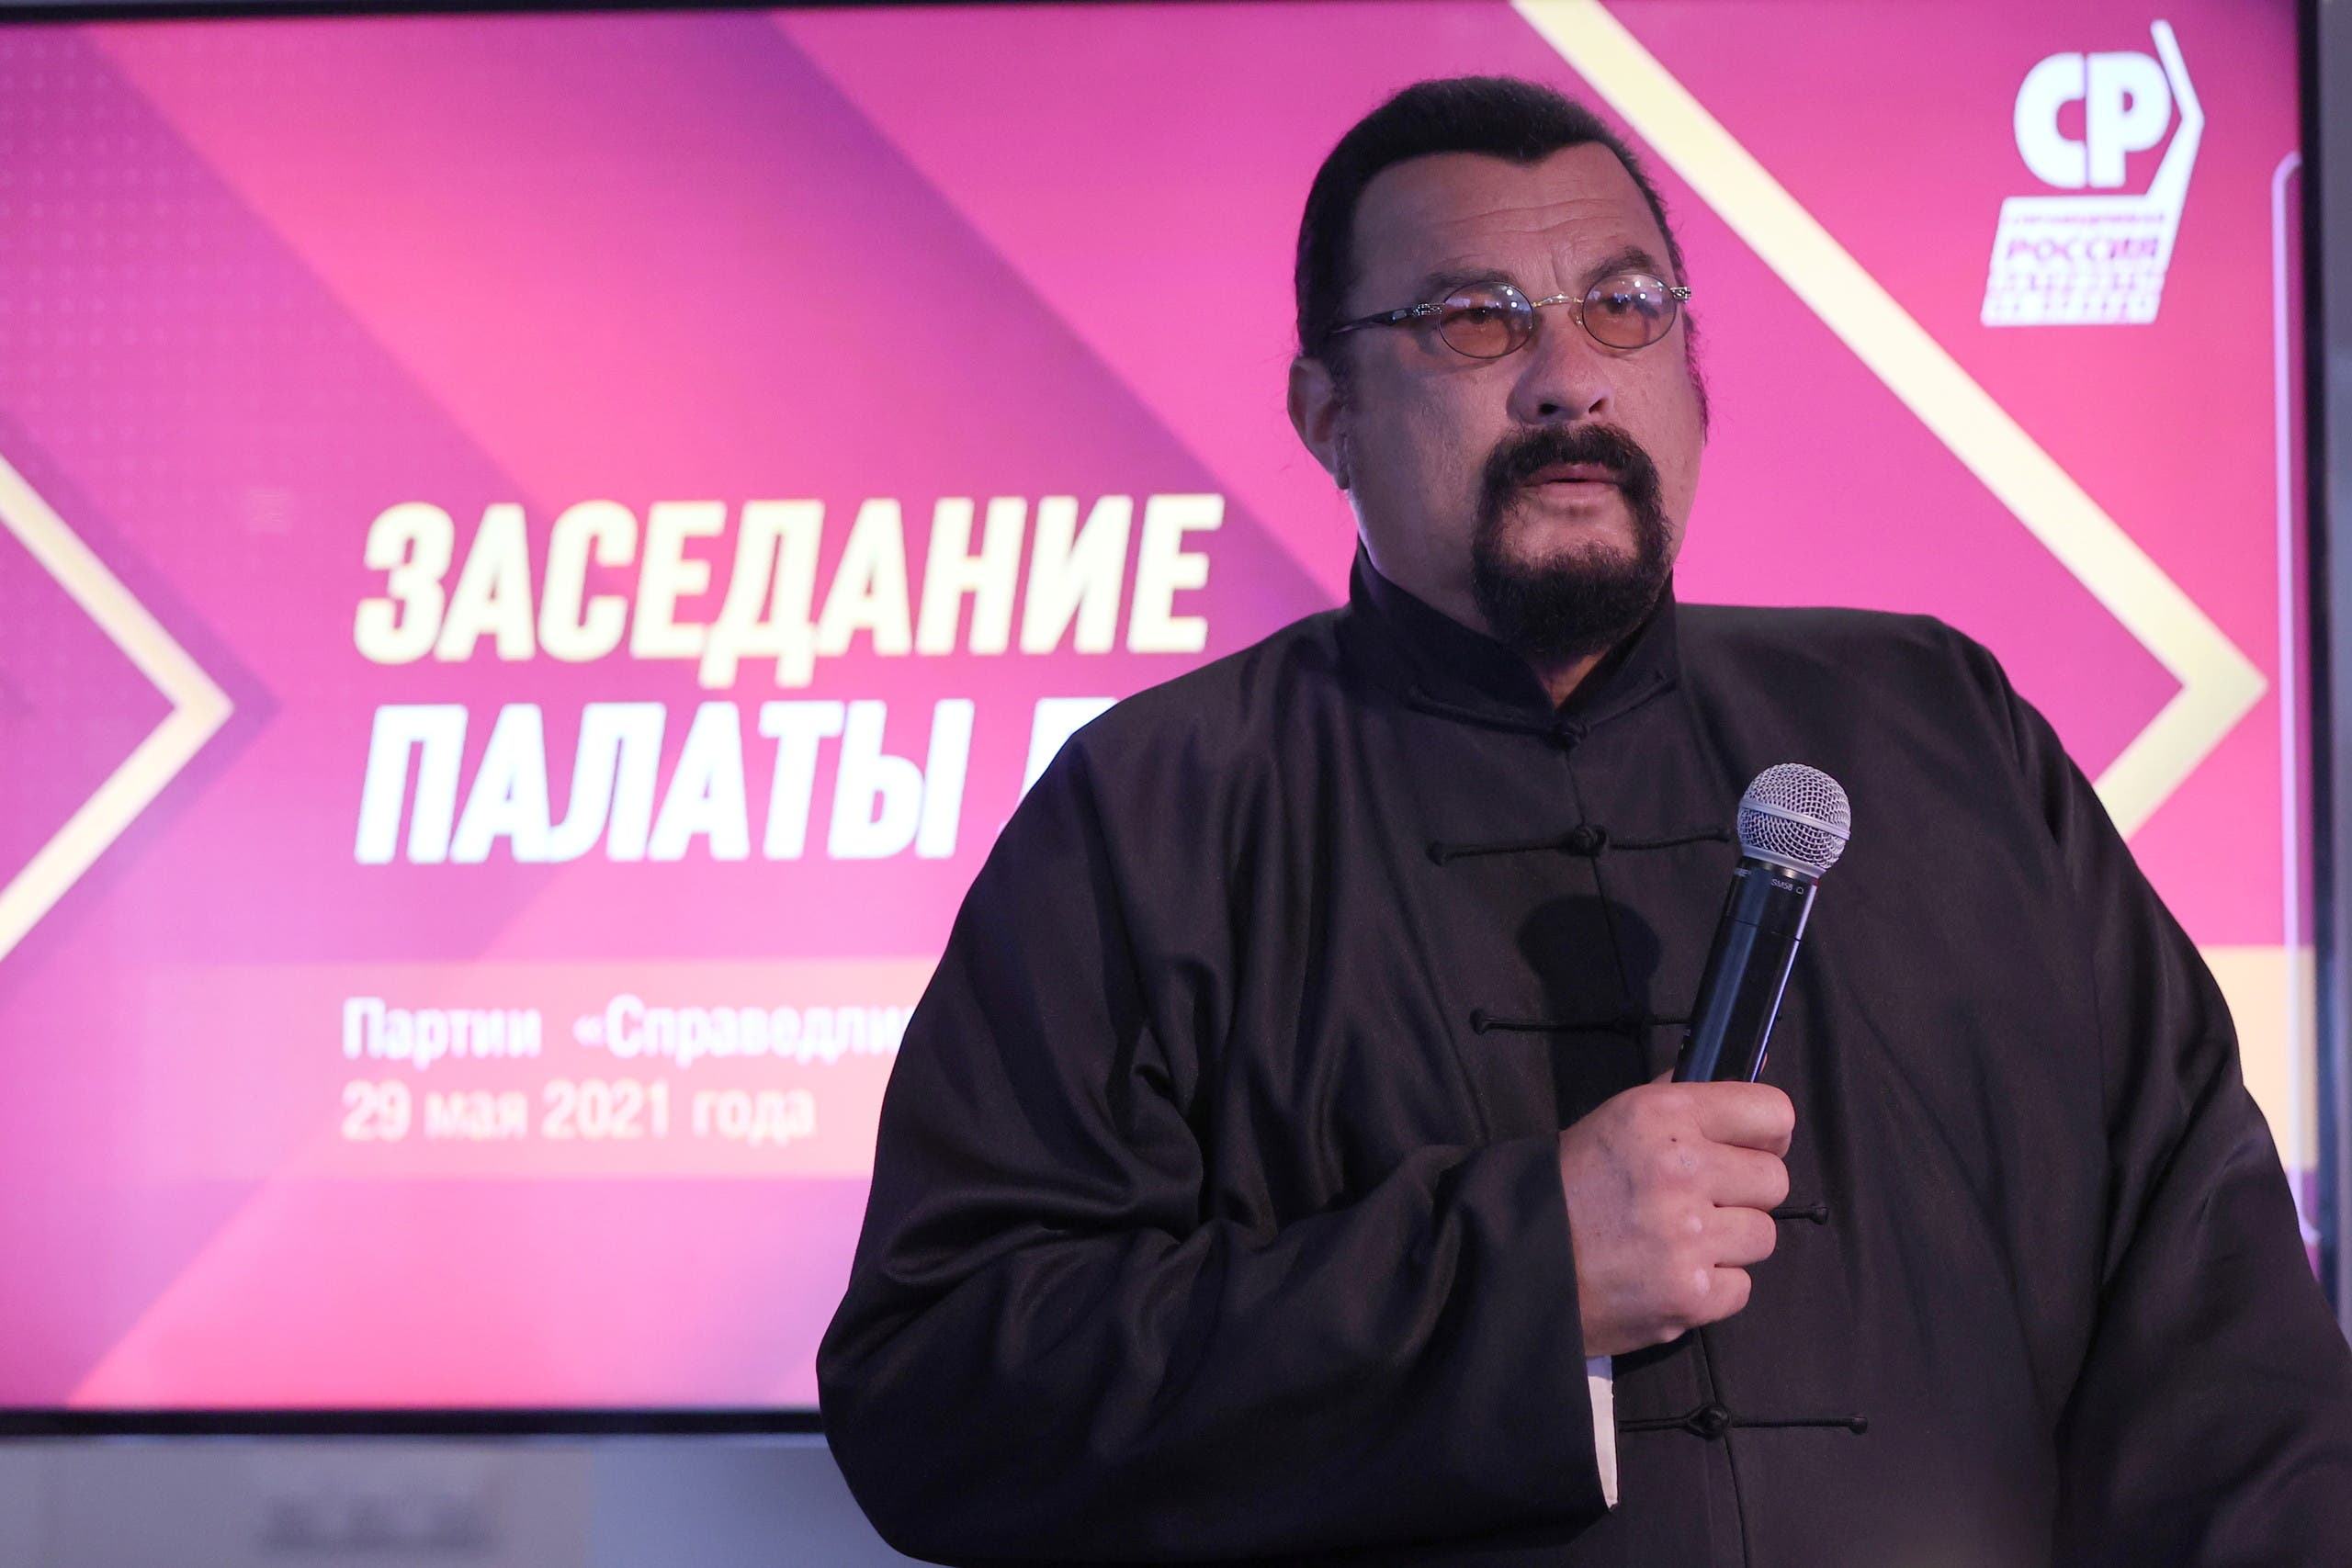 ستيفن سيغال خلال مؤتمر سياسي في موسكو أمس